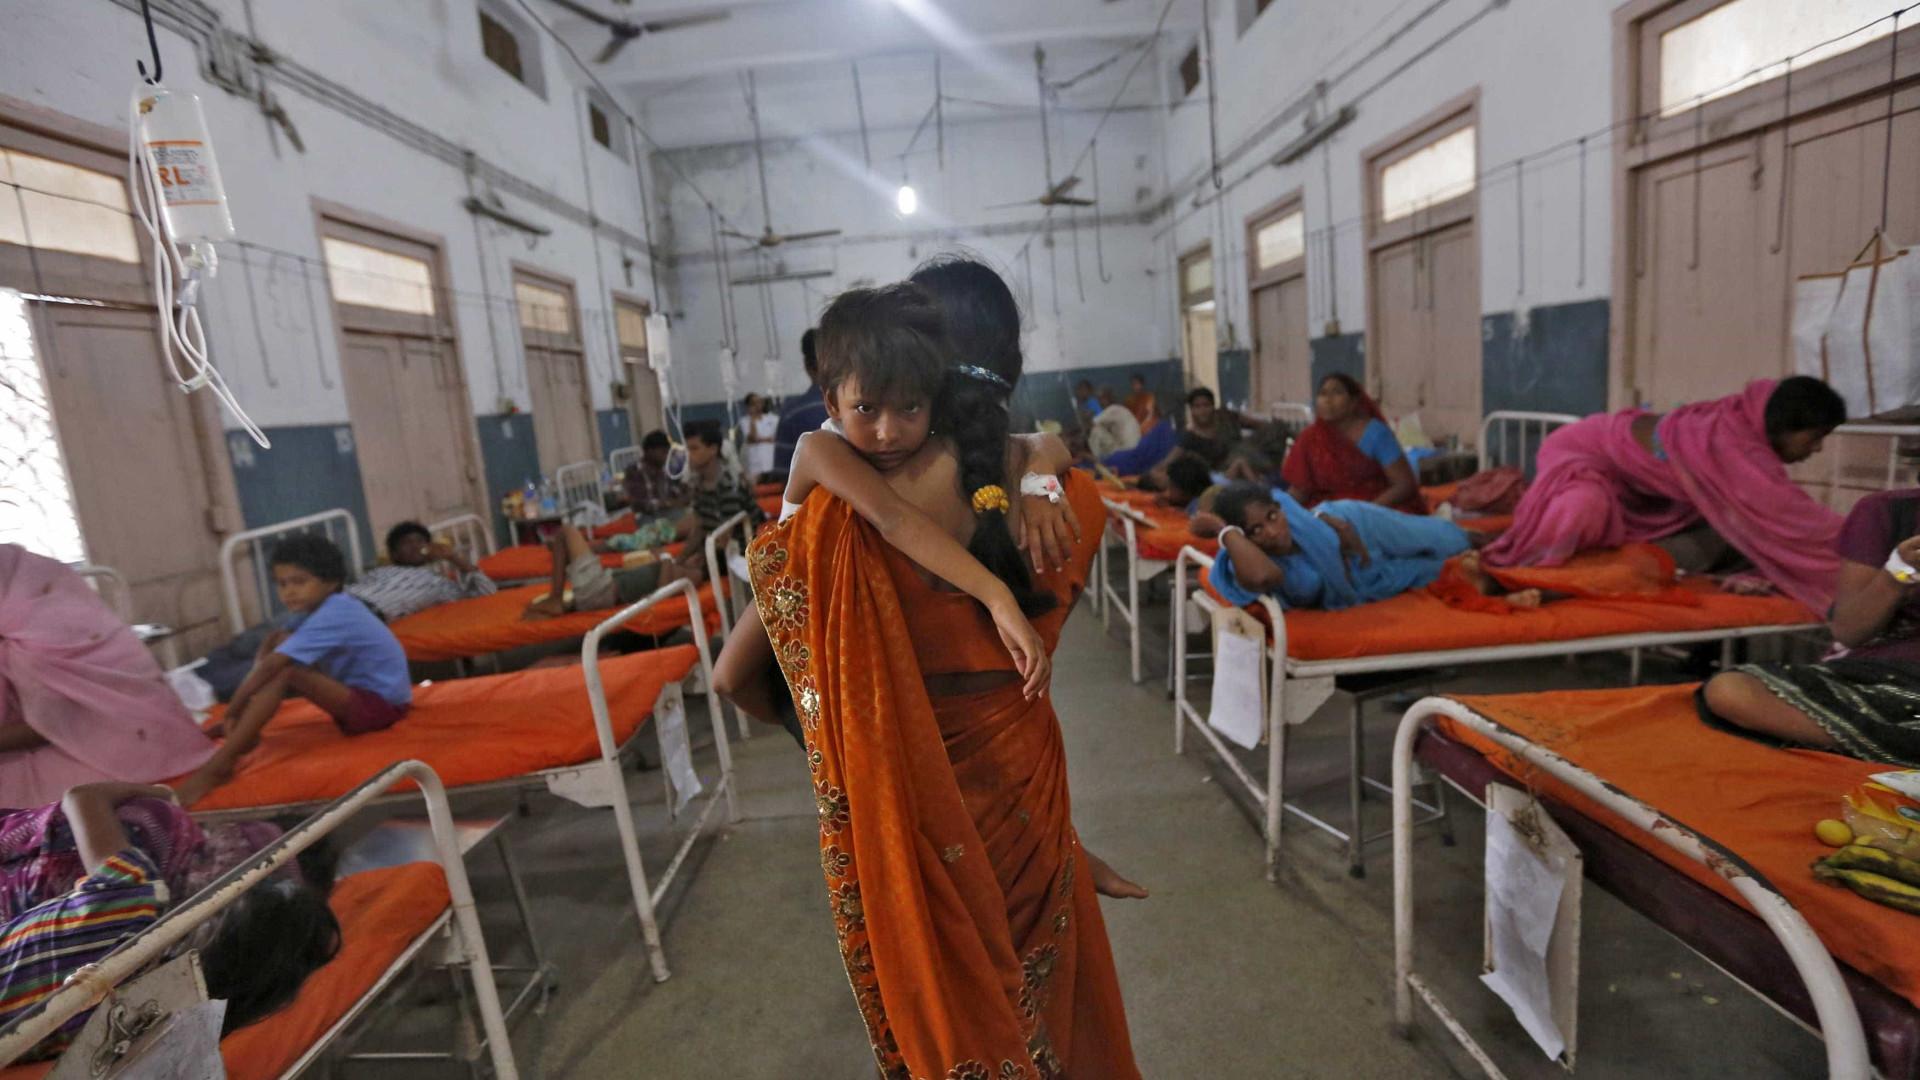 60 crianças morrem por falta de oxigênio em hospital da Índia